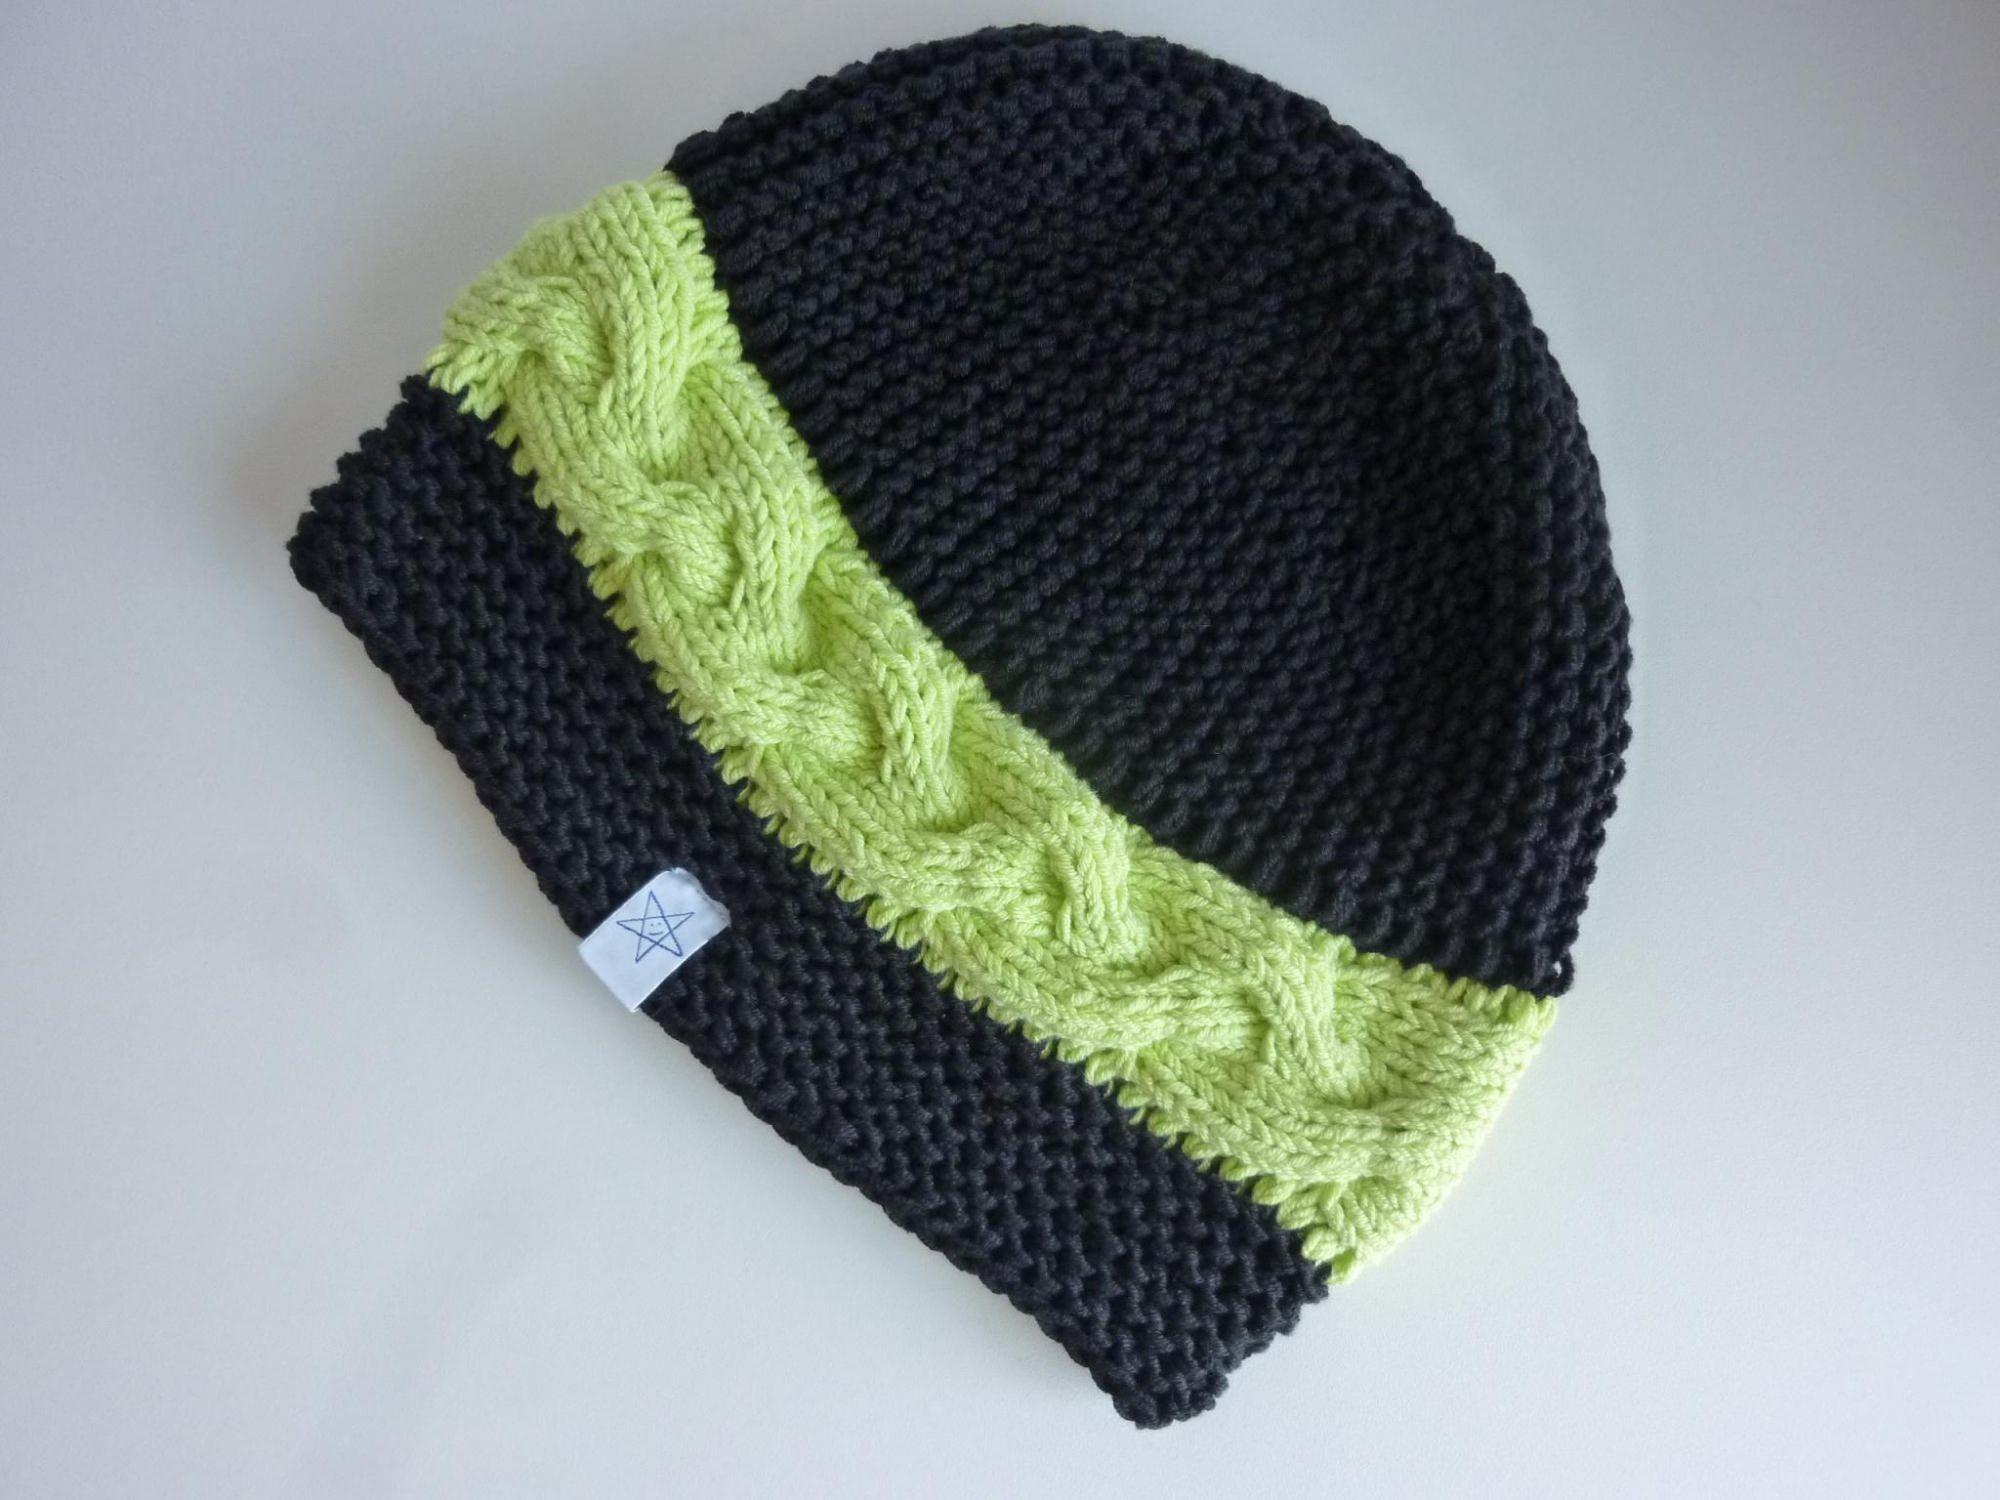 Kleinesbild - Strickmütze schwarz hellgrün aus Baumwolle handgestrickt